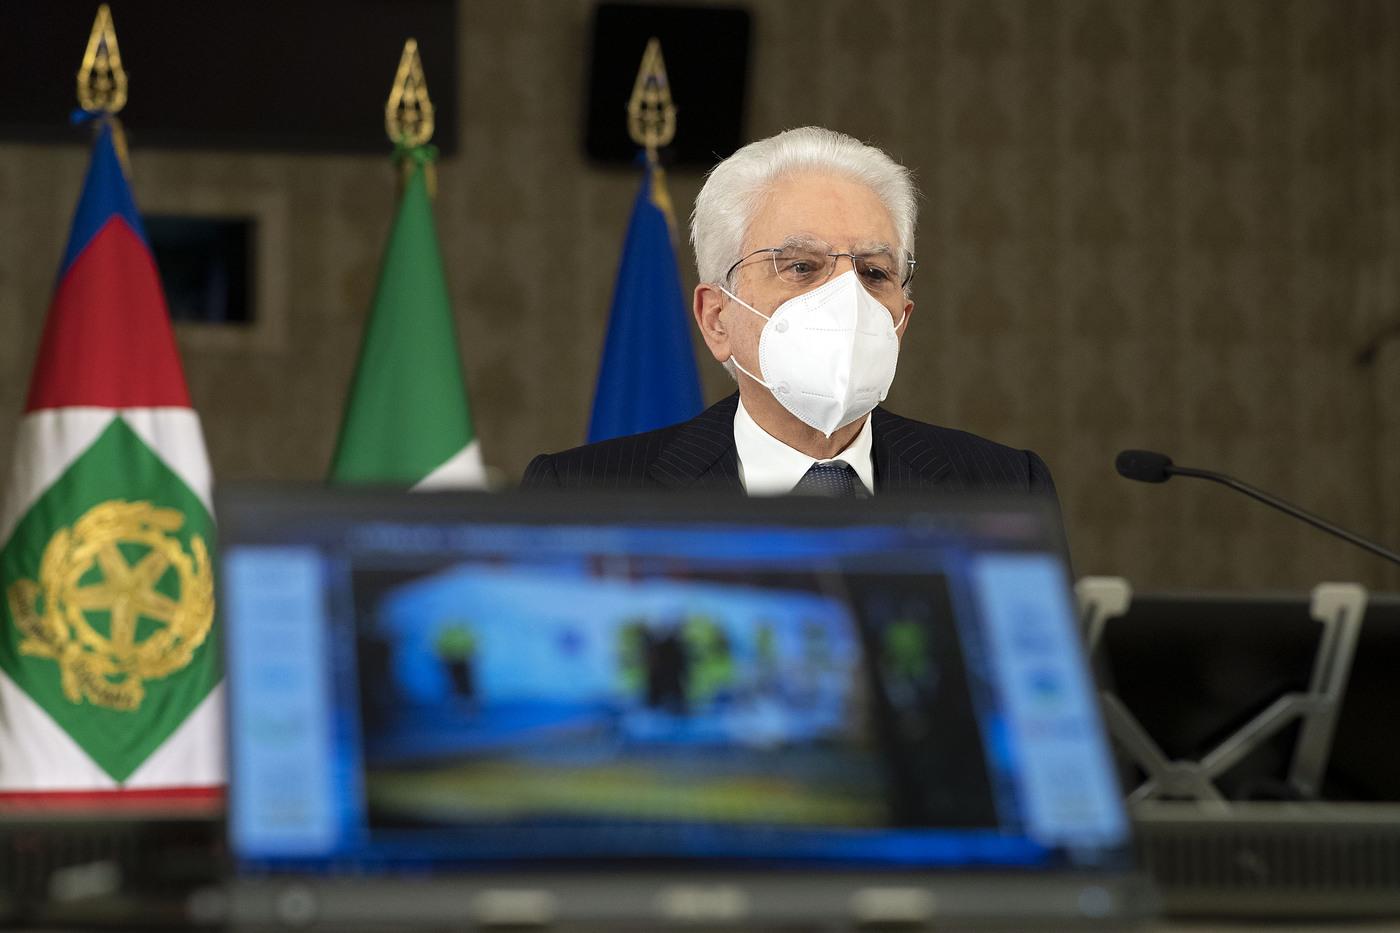 Mattarella in videoconferenza alla sessione di apertura della XXXVII Assemblea annuale ANCI